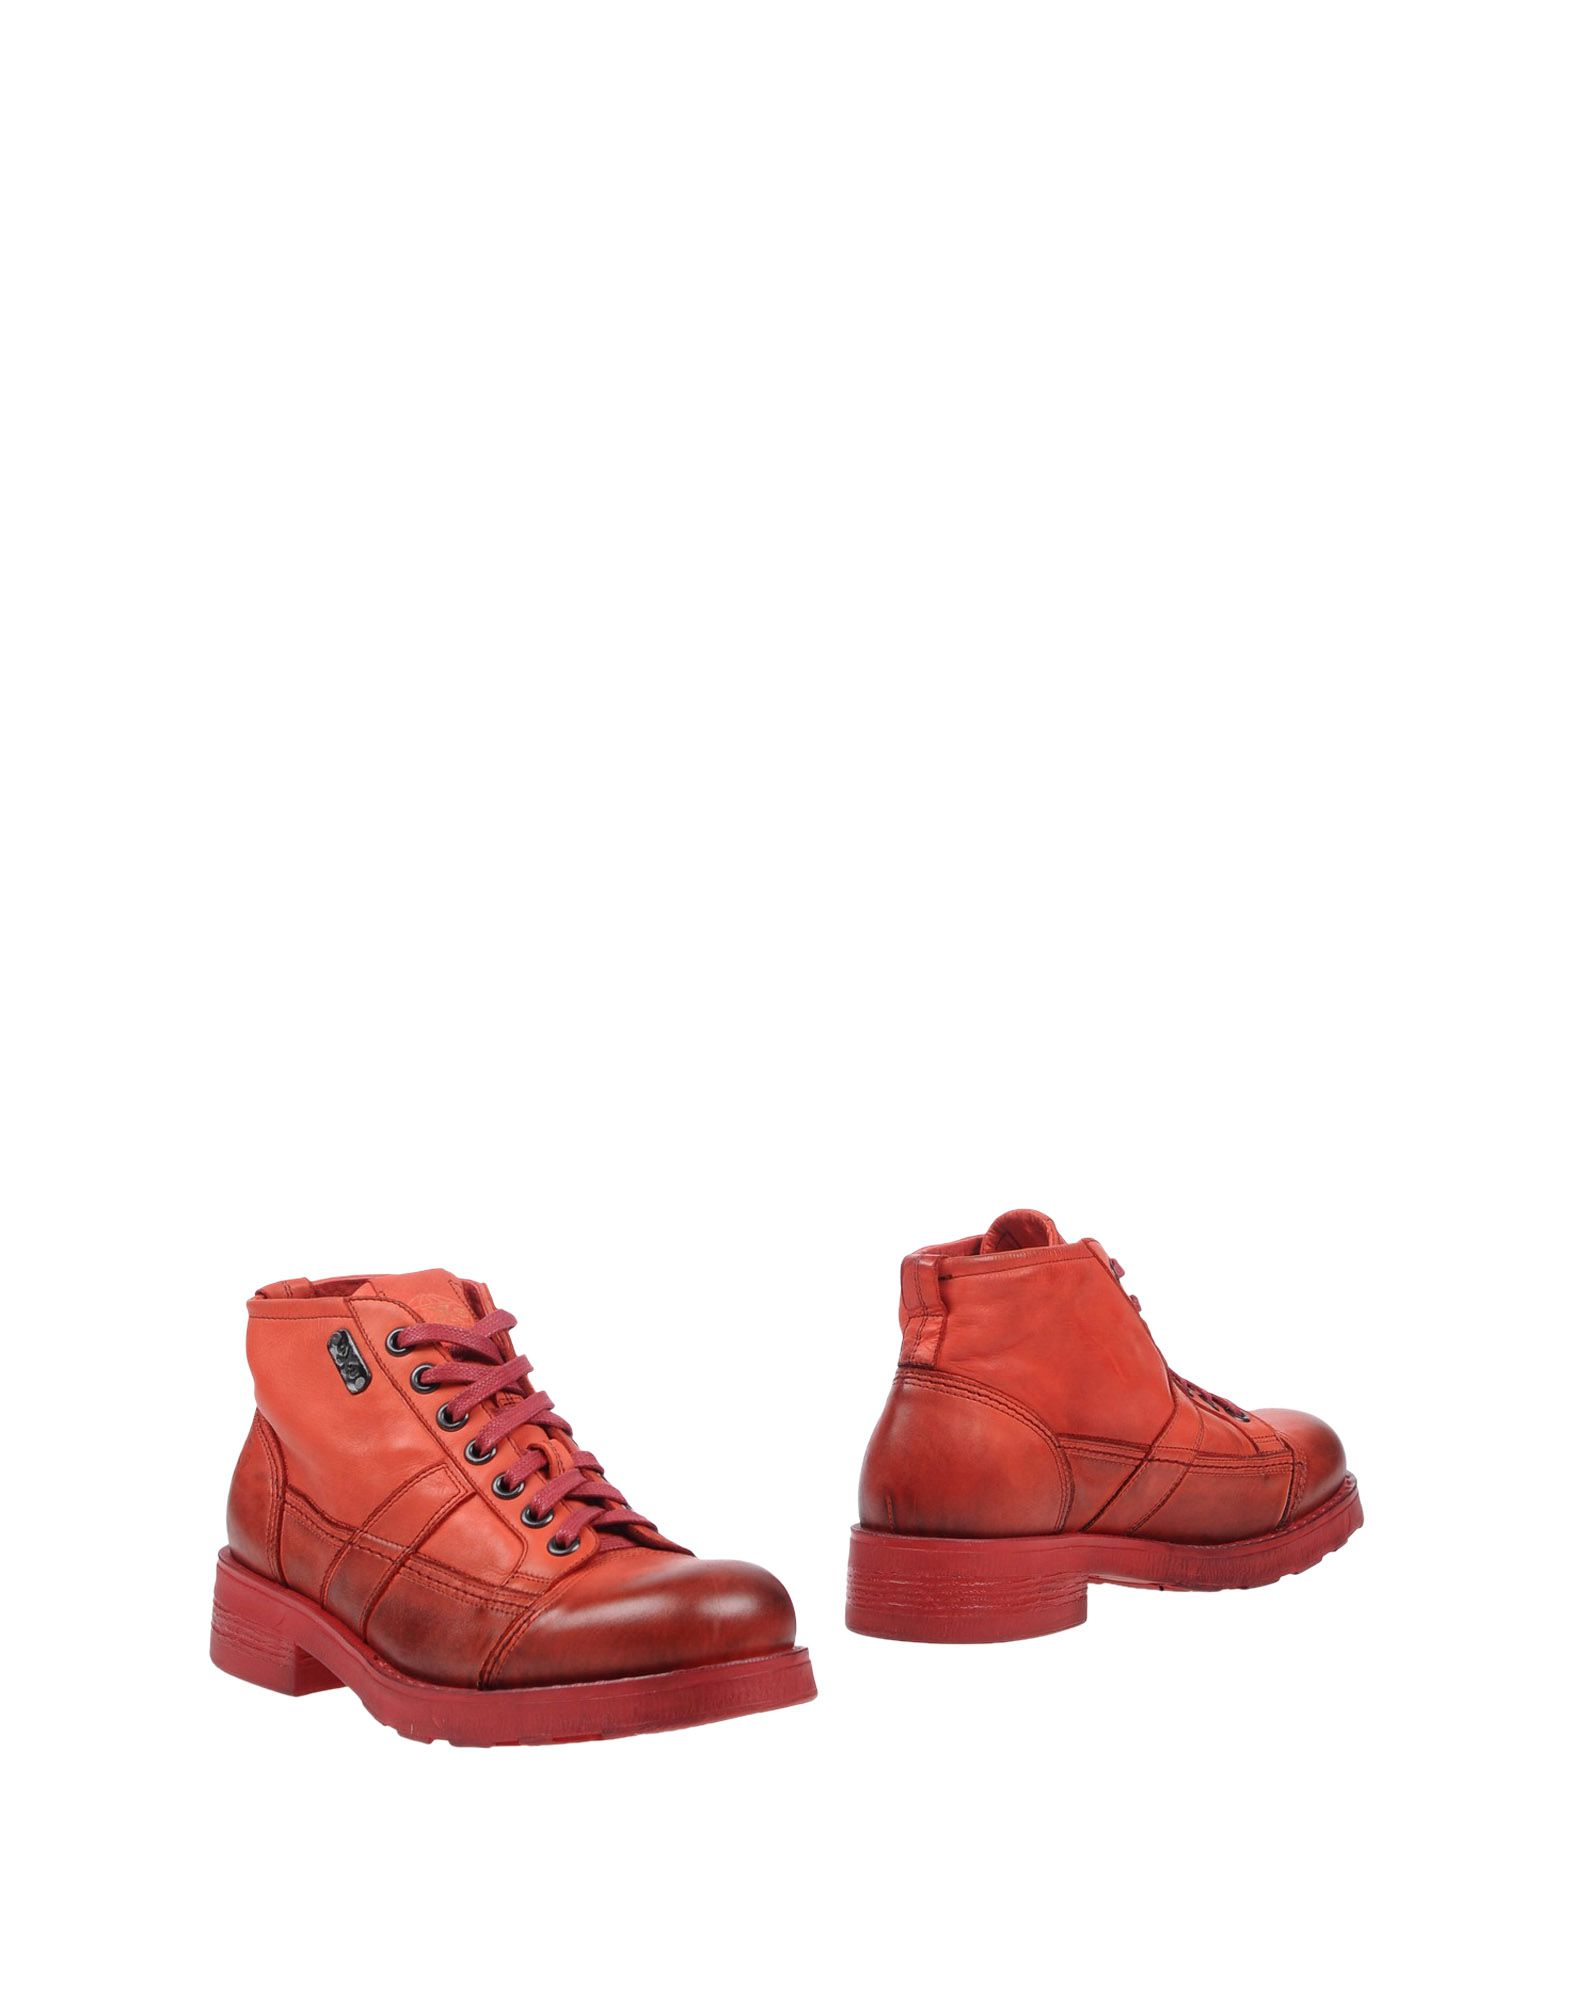 O.X.S. Stiefelette Herren  11278285EE Gute Qualität beliebte Schuhe